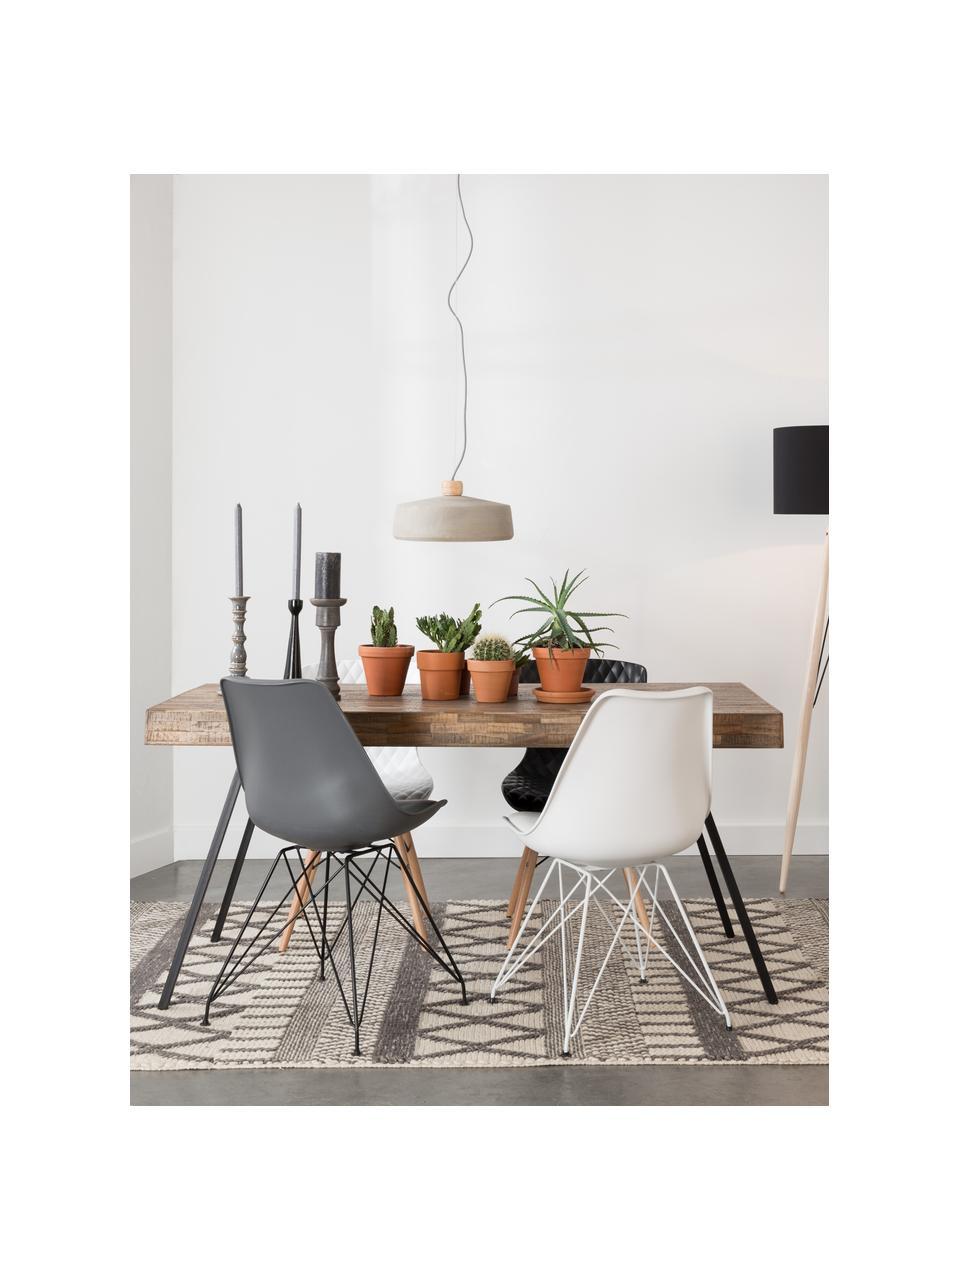 Esstisch Suri, Tischplatte: Recyceltes Teakholz, klar, Beine: Stahl, melaminbeschichtet, Tischplatte: Teakholz Beine: Schwarz, B 160 x T 78 cm